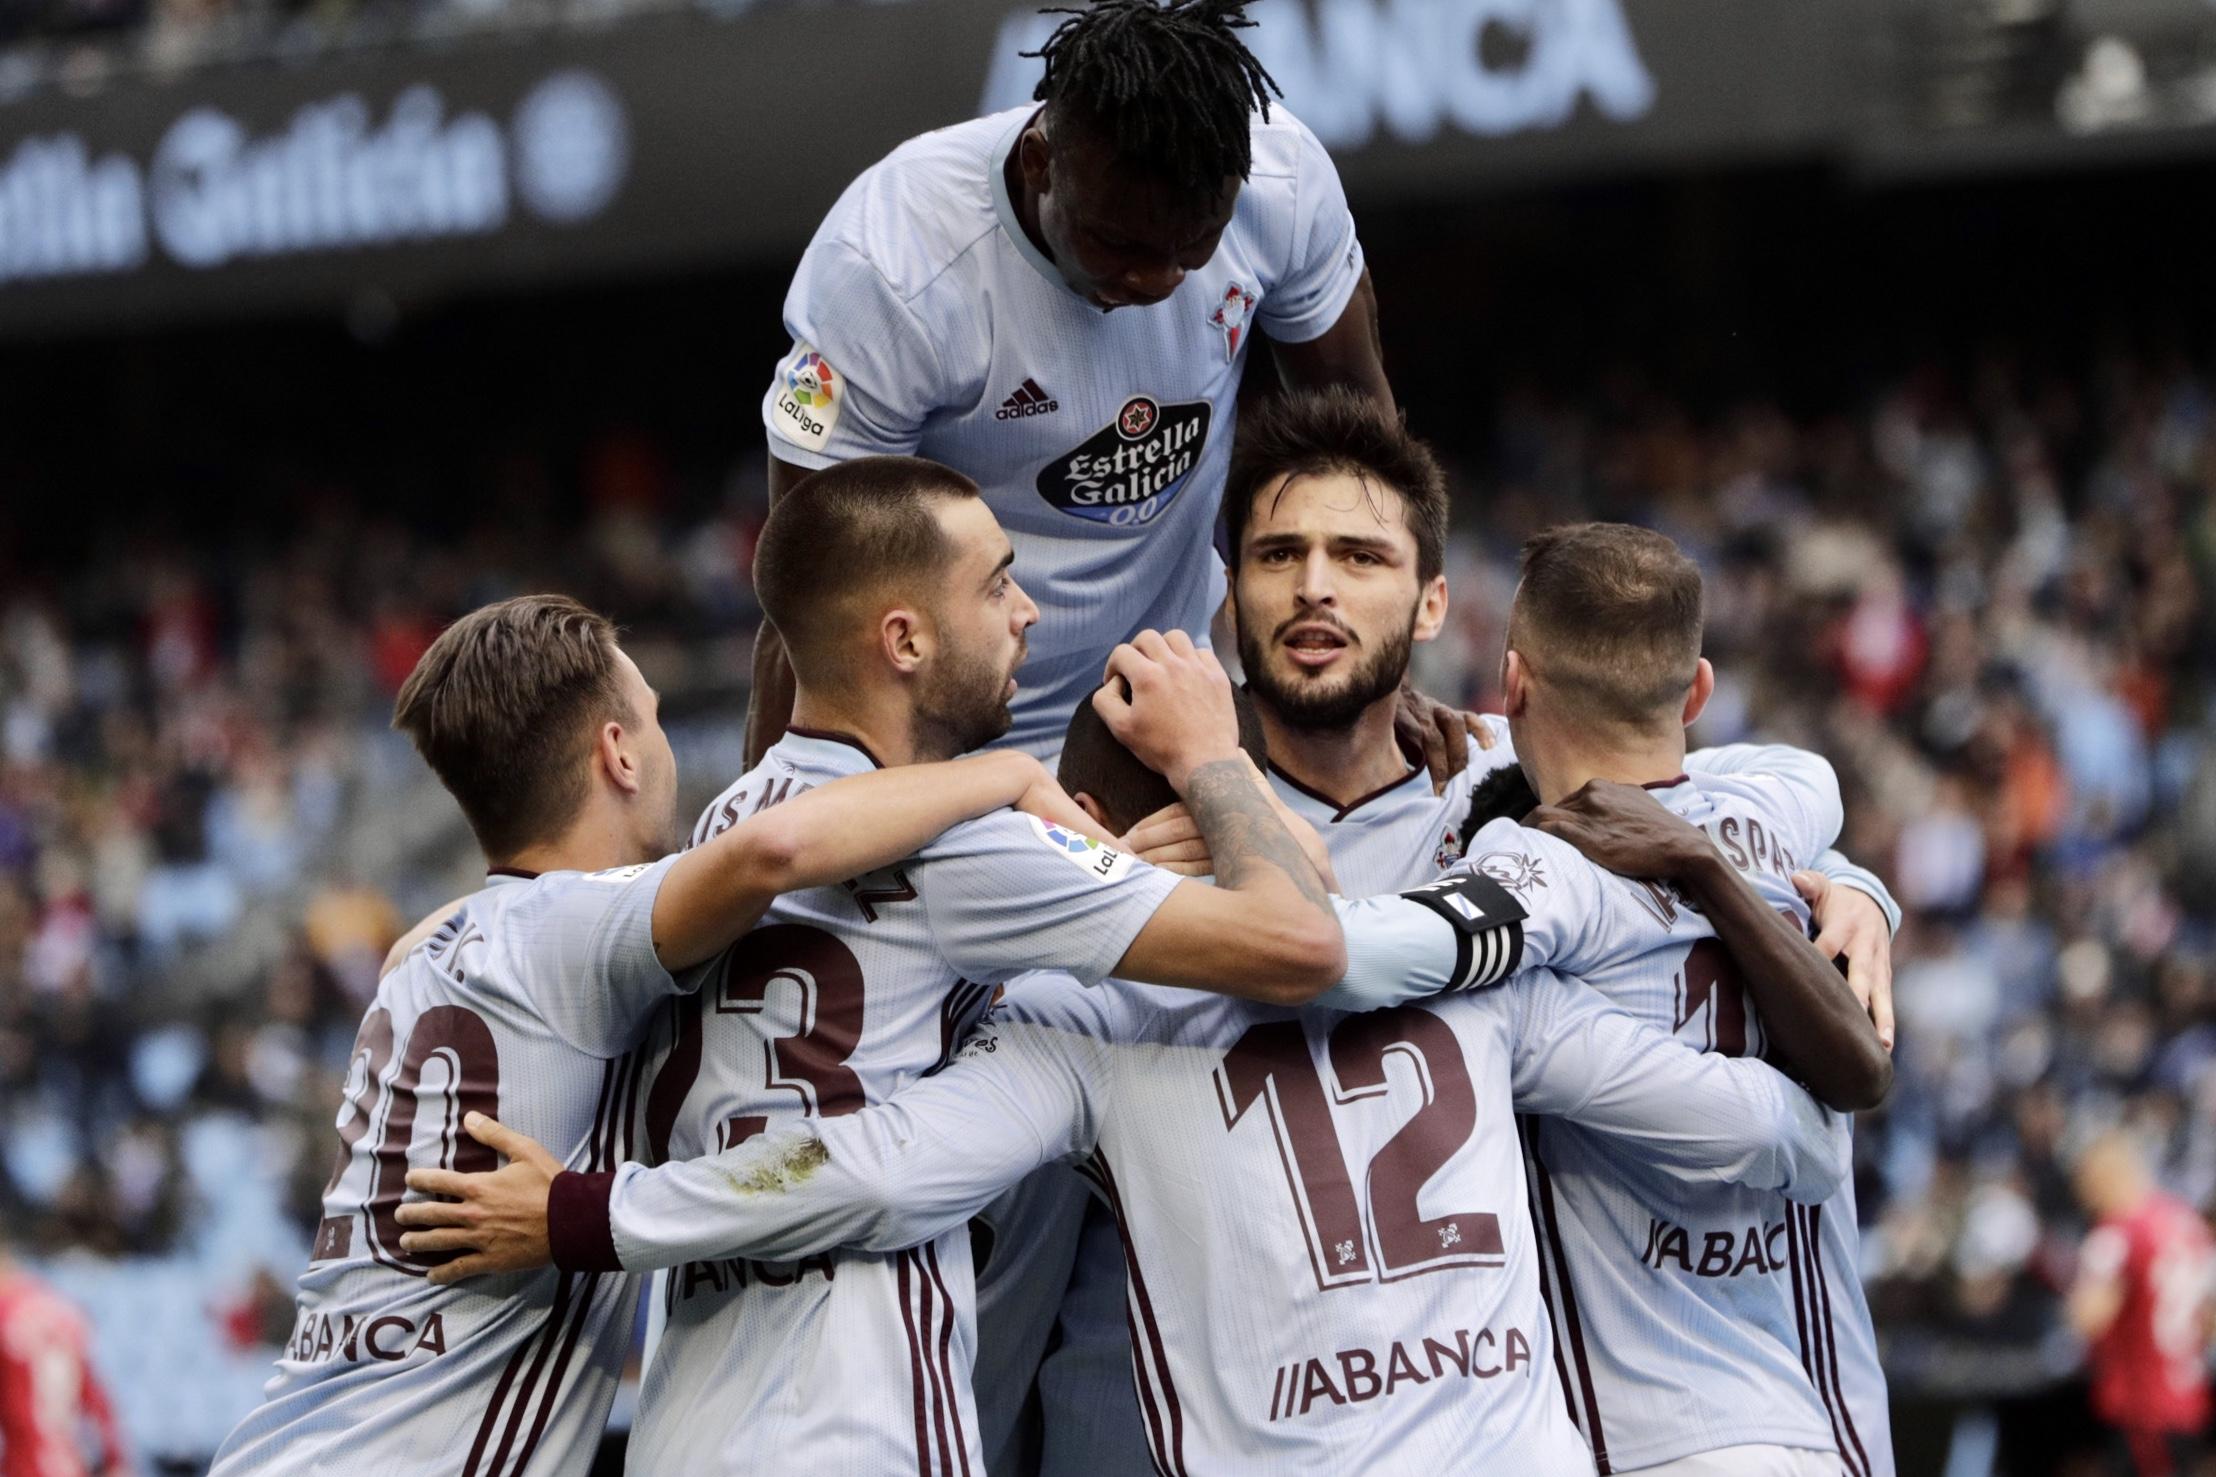 Relegation six-pointer at Abanca Balaidos